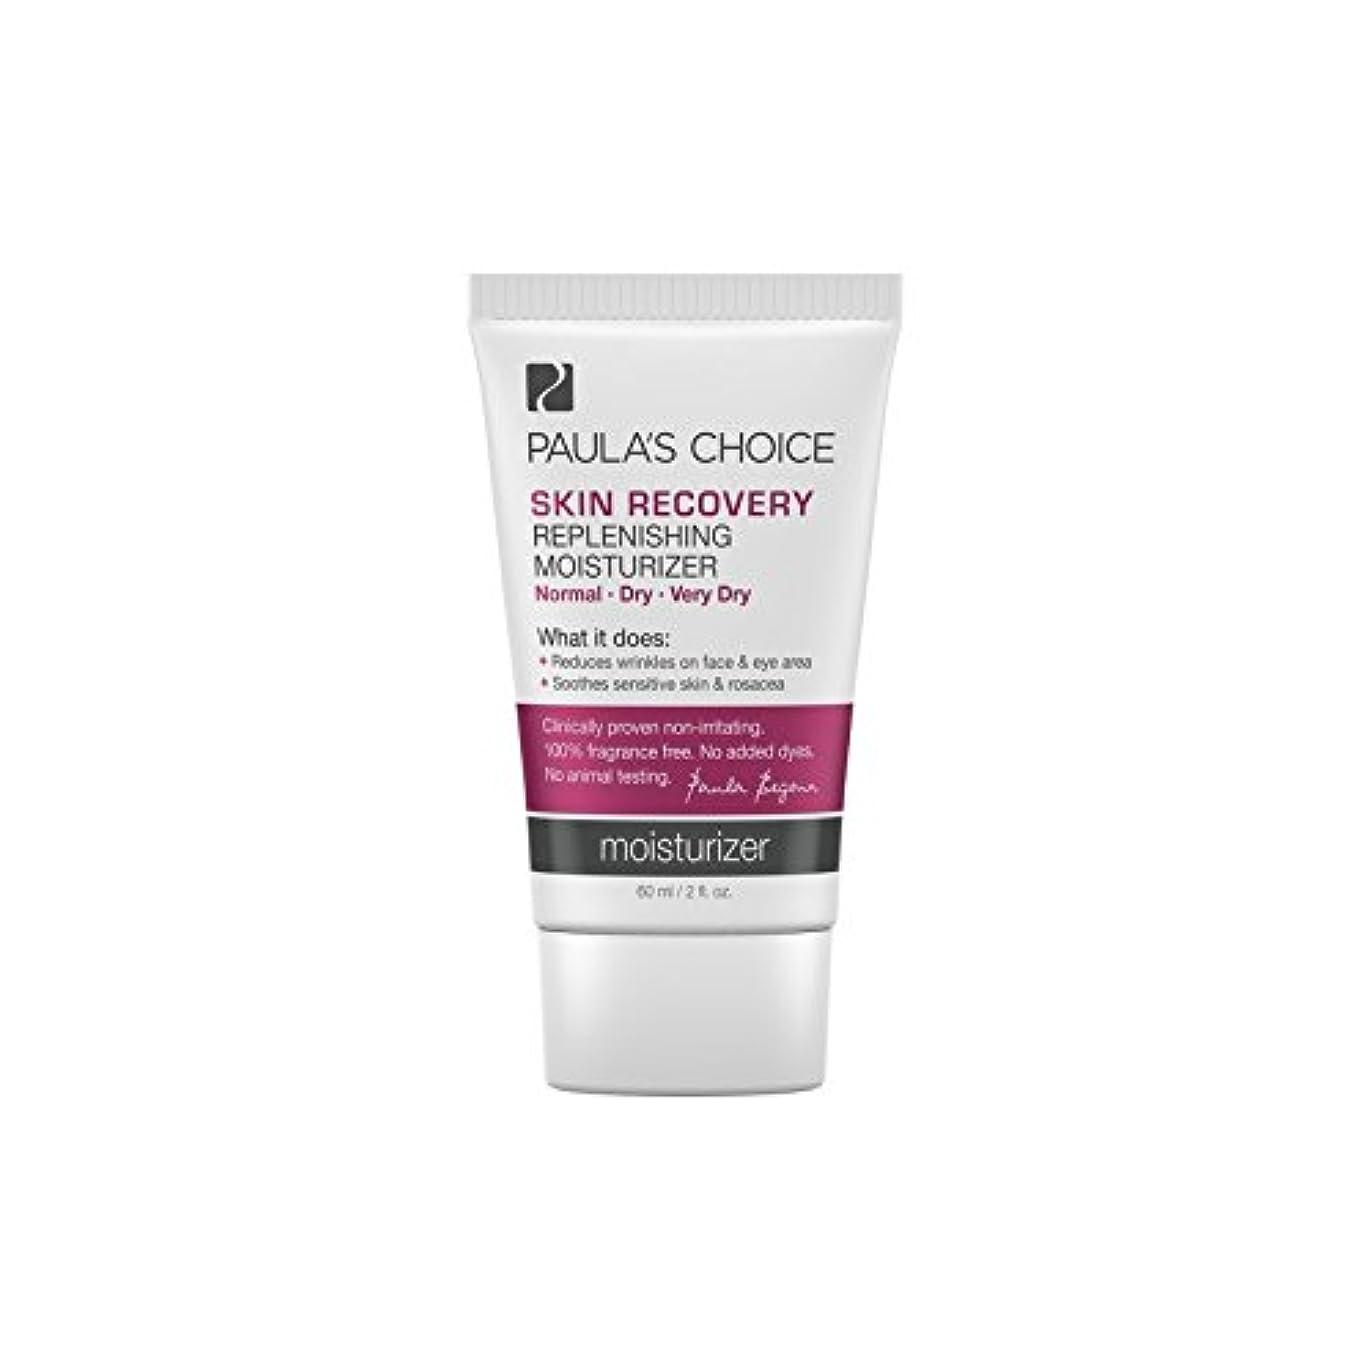 語和らげる未知のPaula's Choice Skin Recovery Replenishing Moisturizer (60ml) - ポーラチョイスの肌の回復補充保湿(60ミリリットル) [並行輸入品]